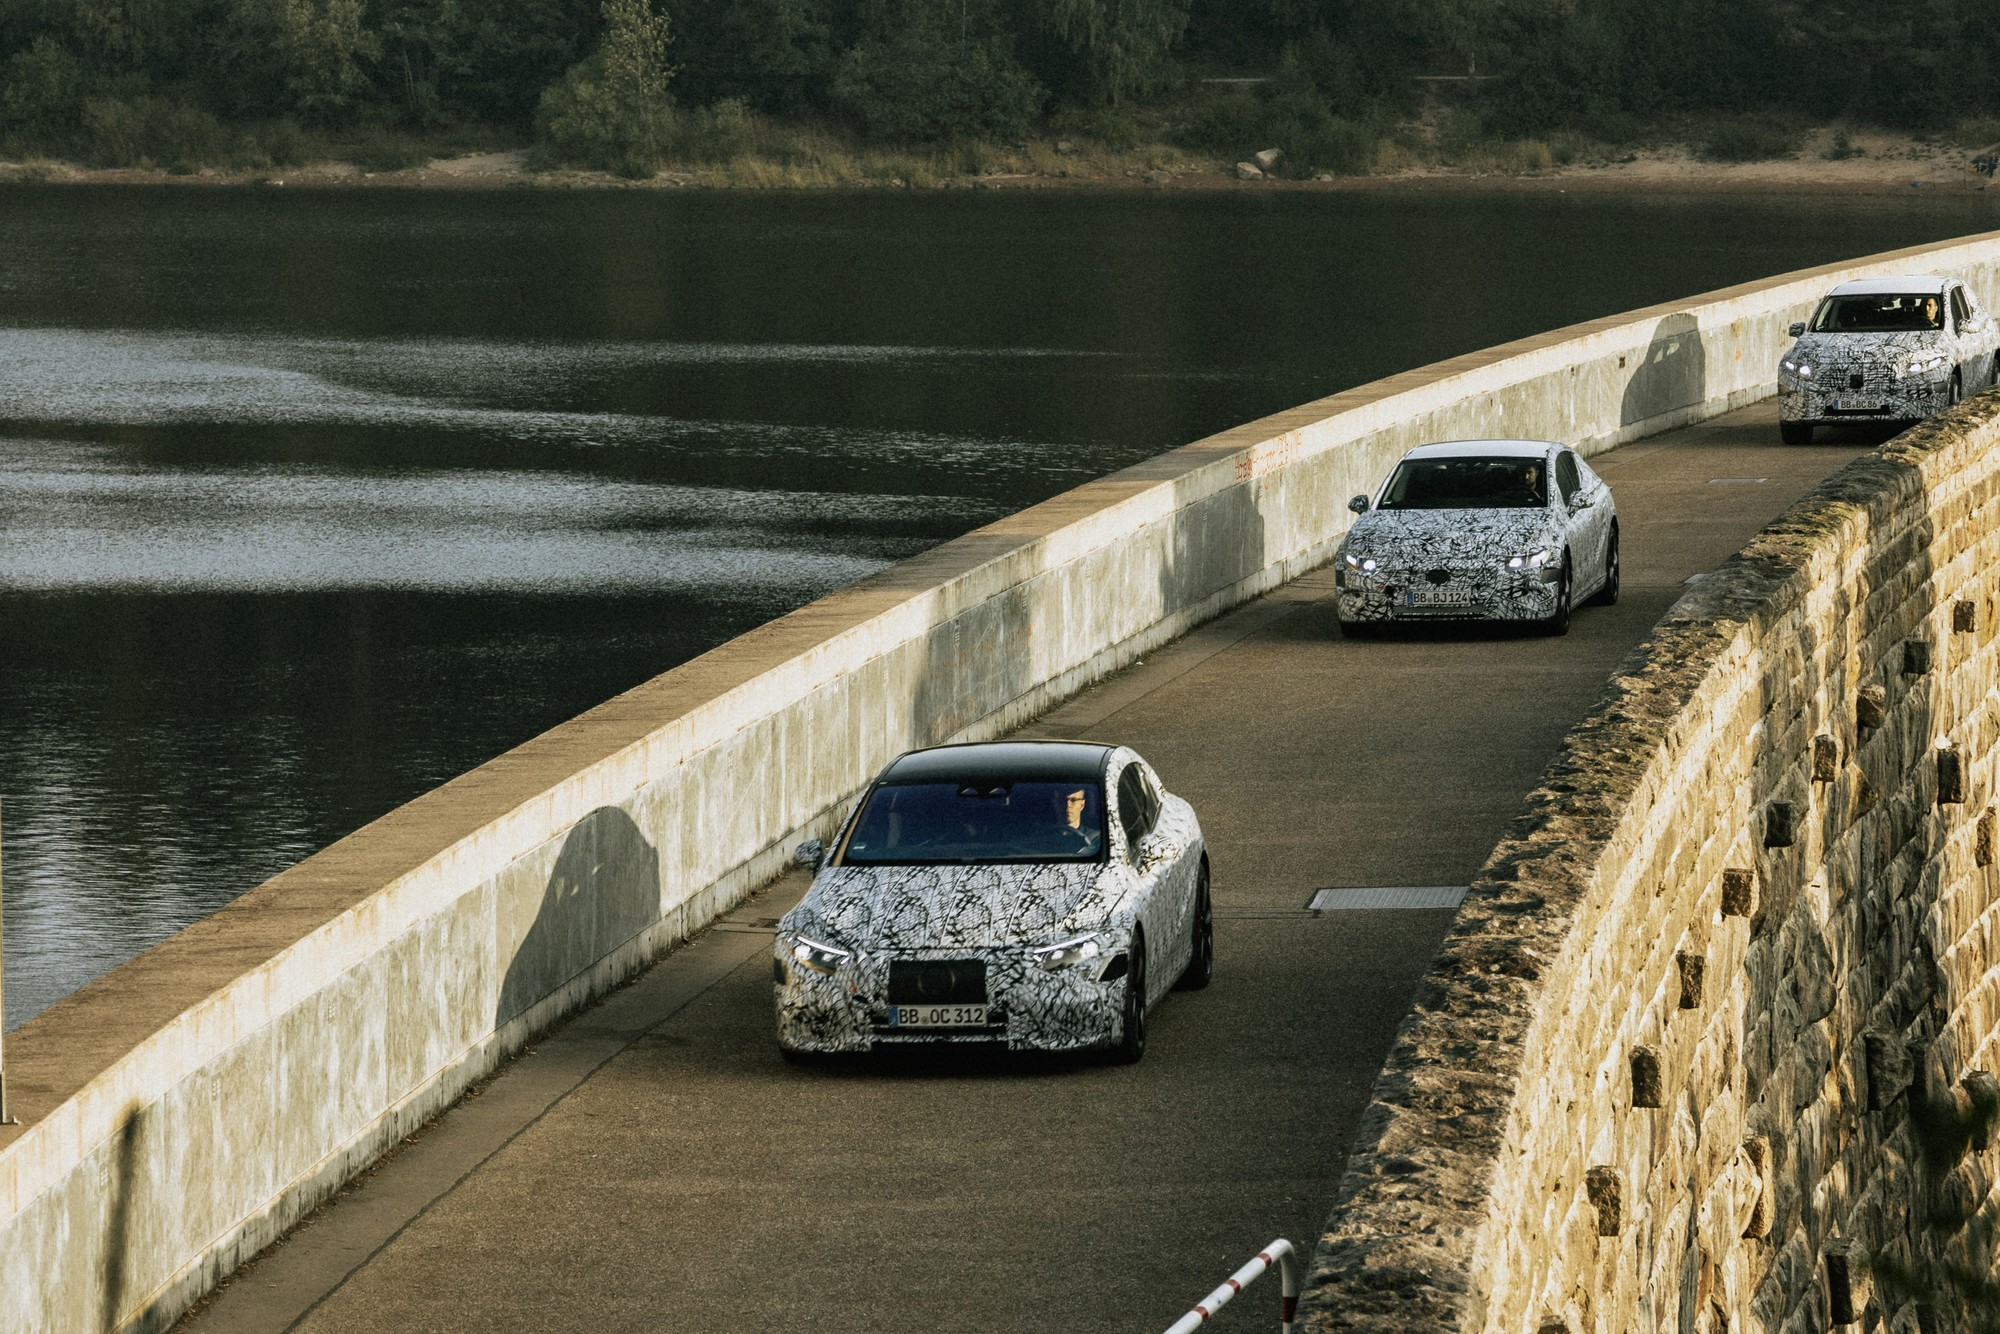 Планы Mercedes-Benz: шесть новых электрокаров, вытеснение ДВС и снижение зарплат авто,авто и мото,автосалон,водителю на заметку,машины,новости автомира,Россия,тюнинг